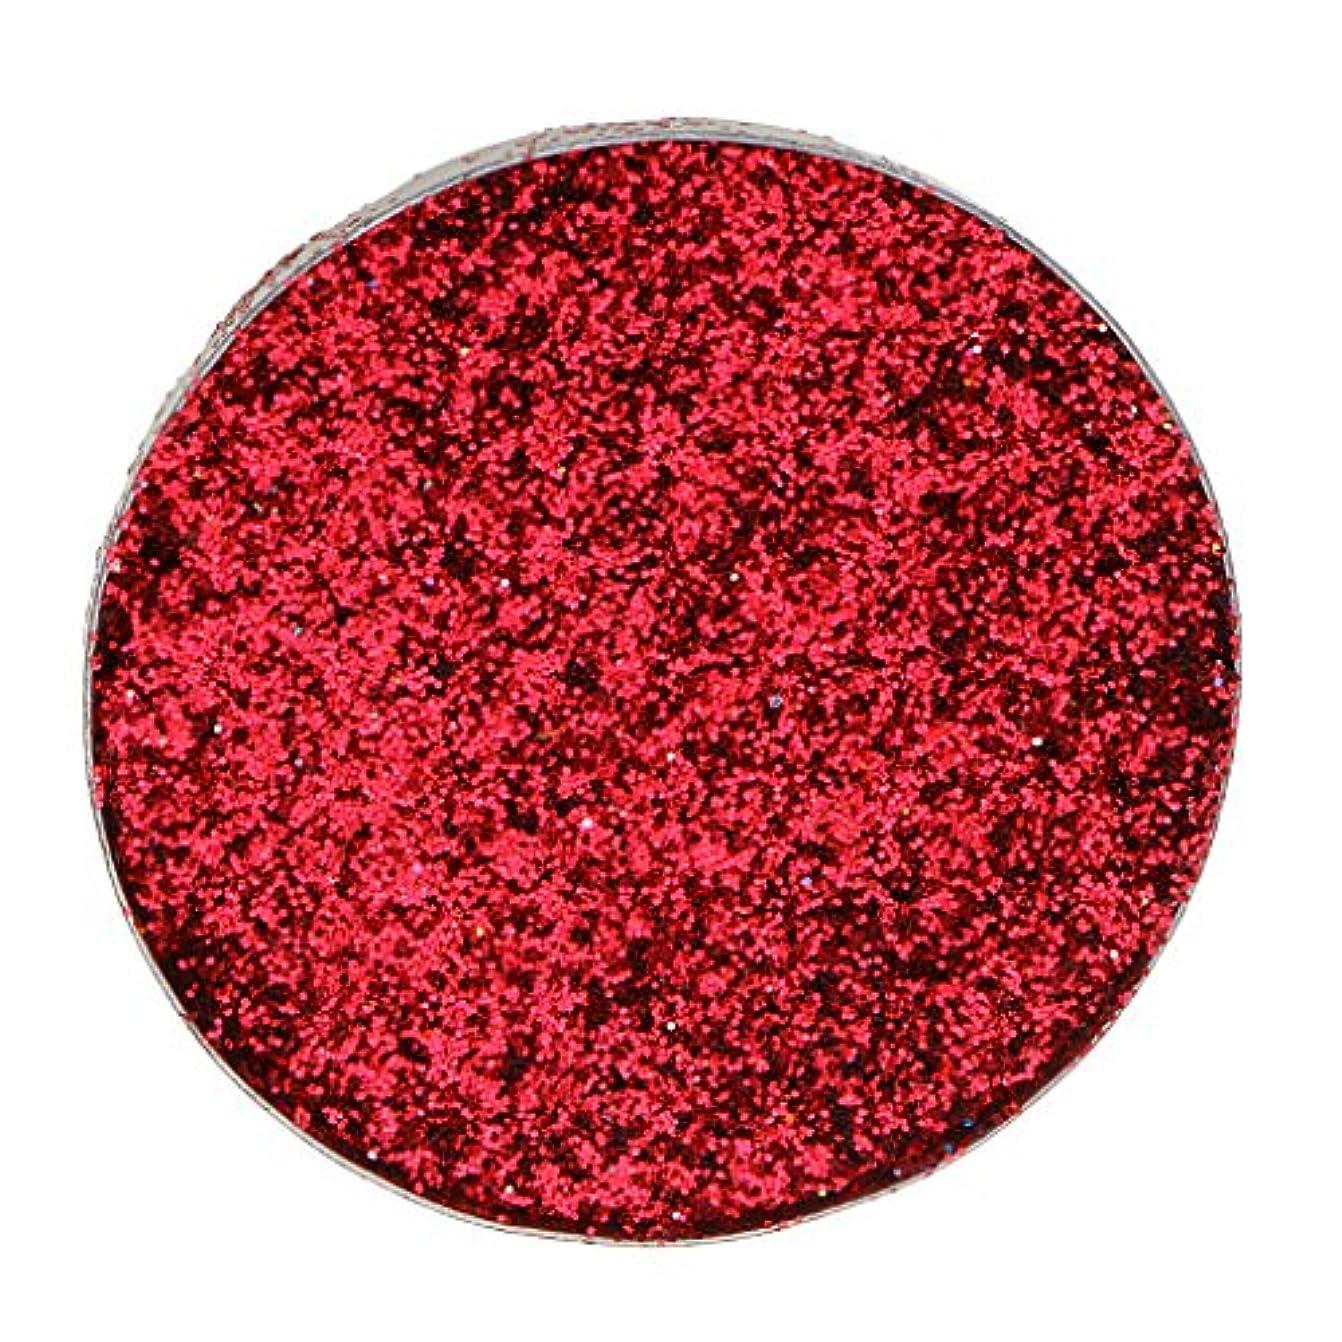 アンペア元気な寝室T TOOYFUL ダイヤモンドキラキラ輝き輝くメークアッププレスアイシャドー顔料 - 赤